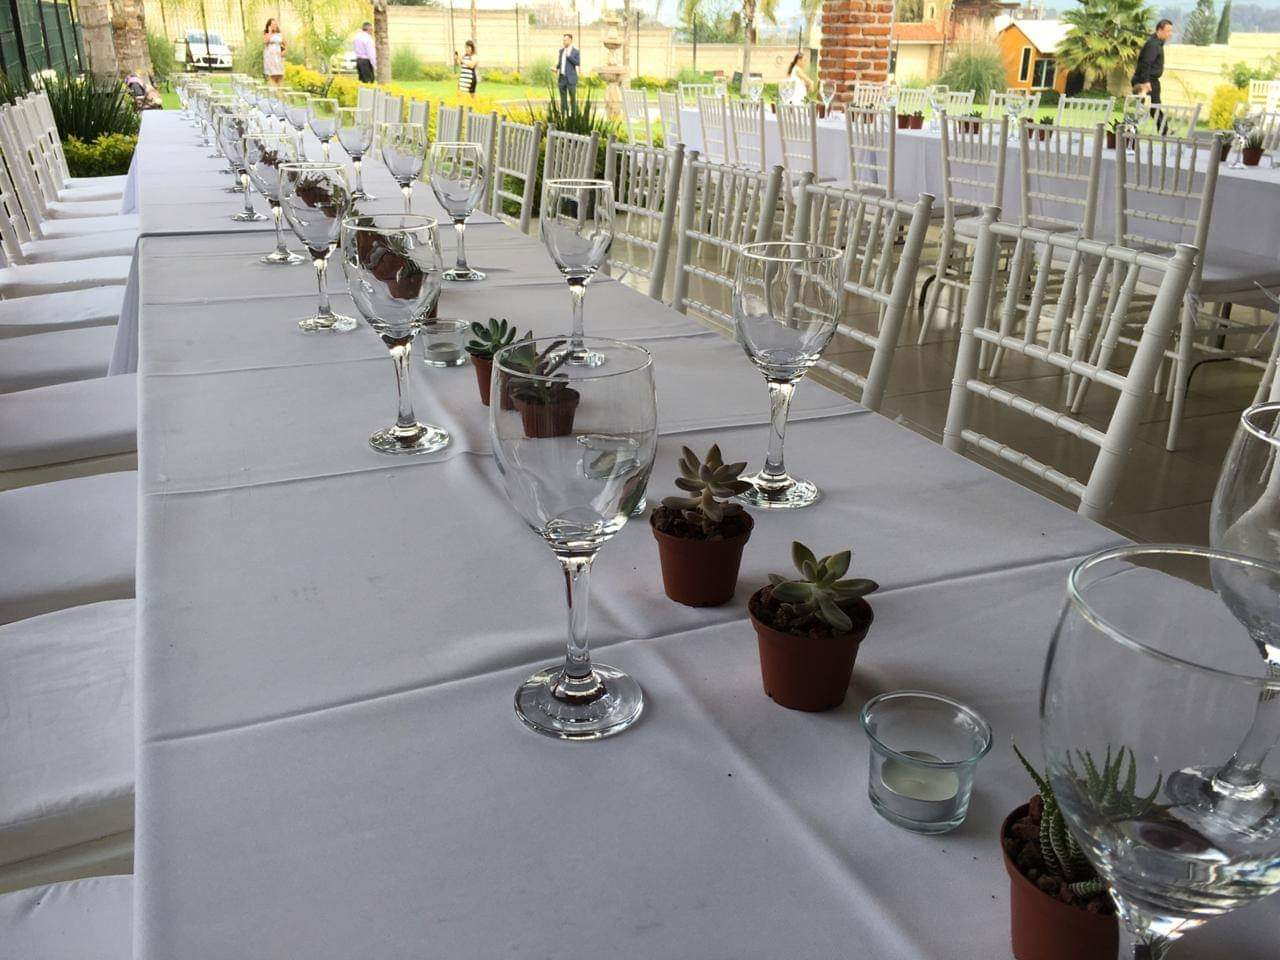 Imagen 4 del espacio Villa Mitari Terraza de Eventos en Tlajomulco, México